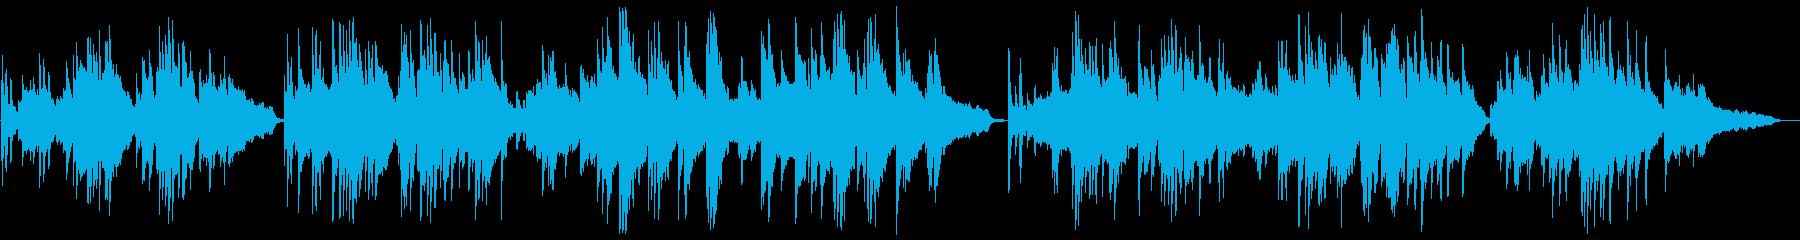 大人っぽく落ち着くピアノバラードの再生済みの波形